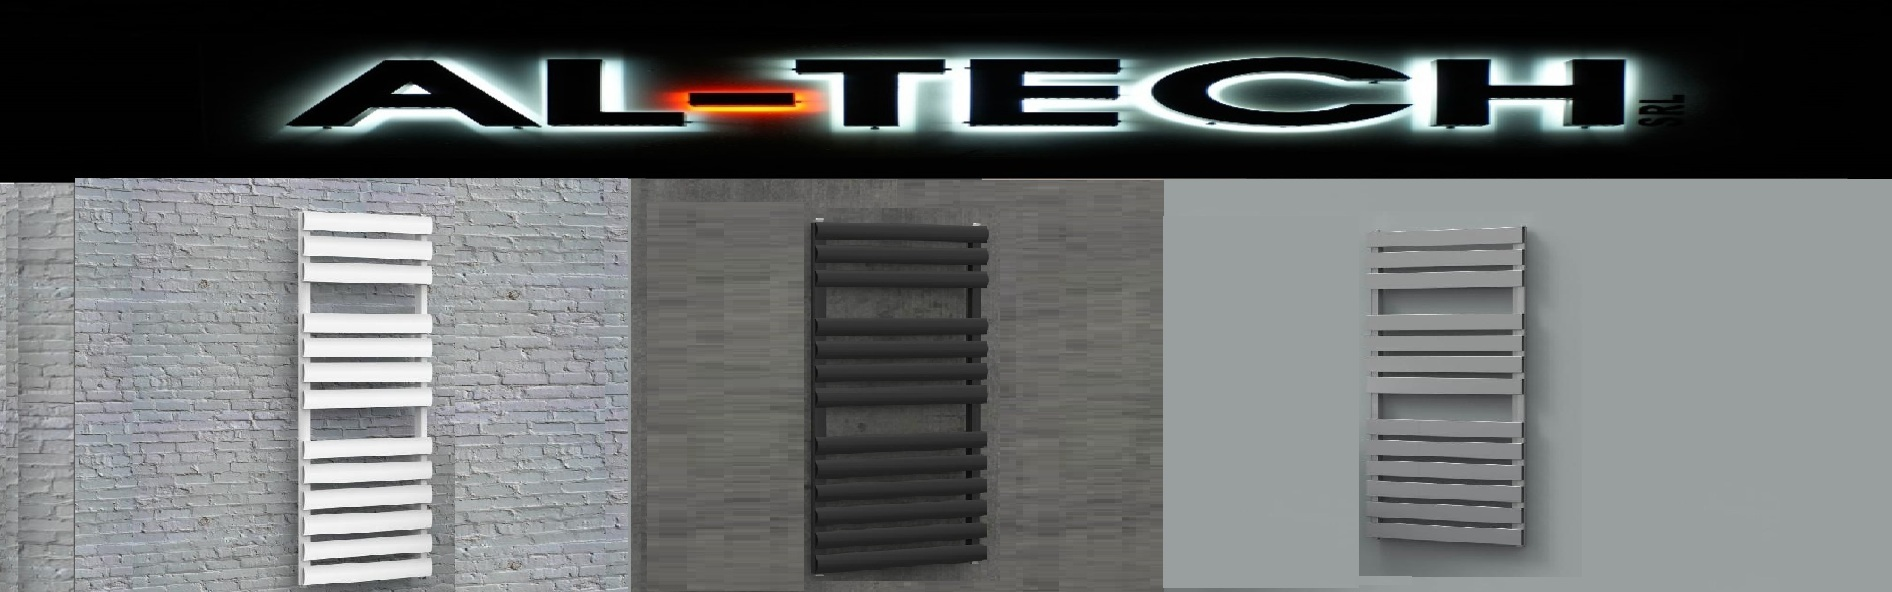 ALTECH-3